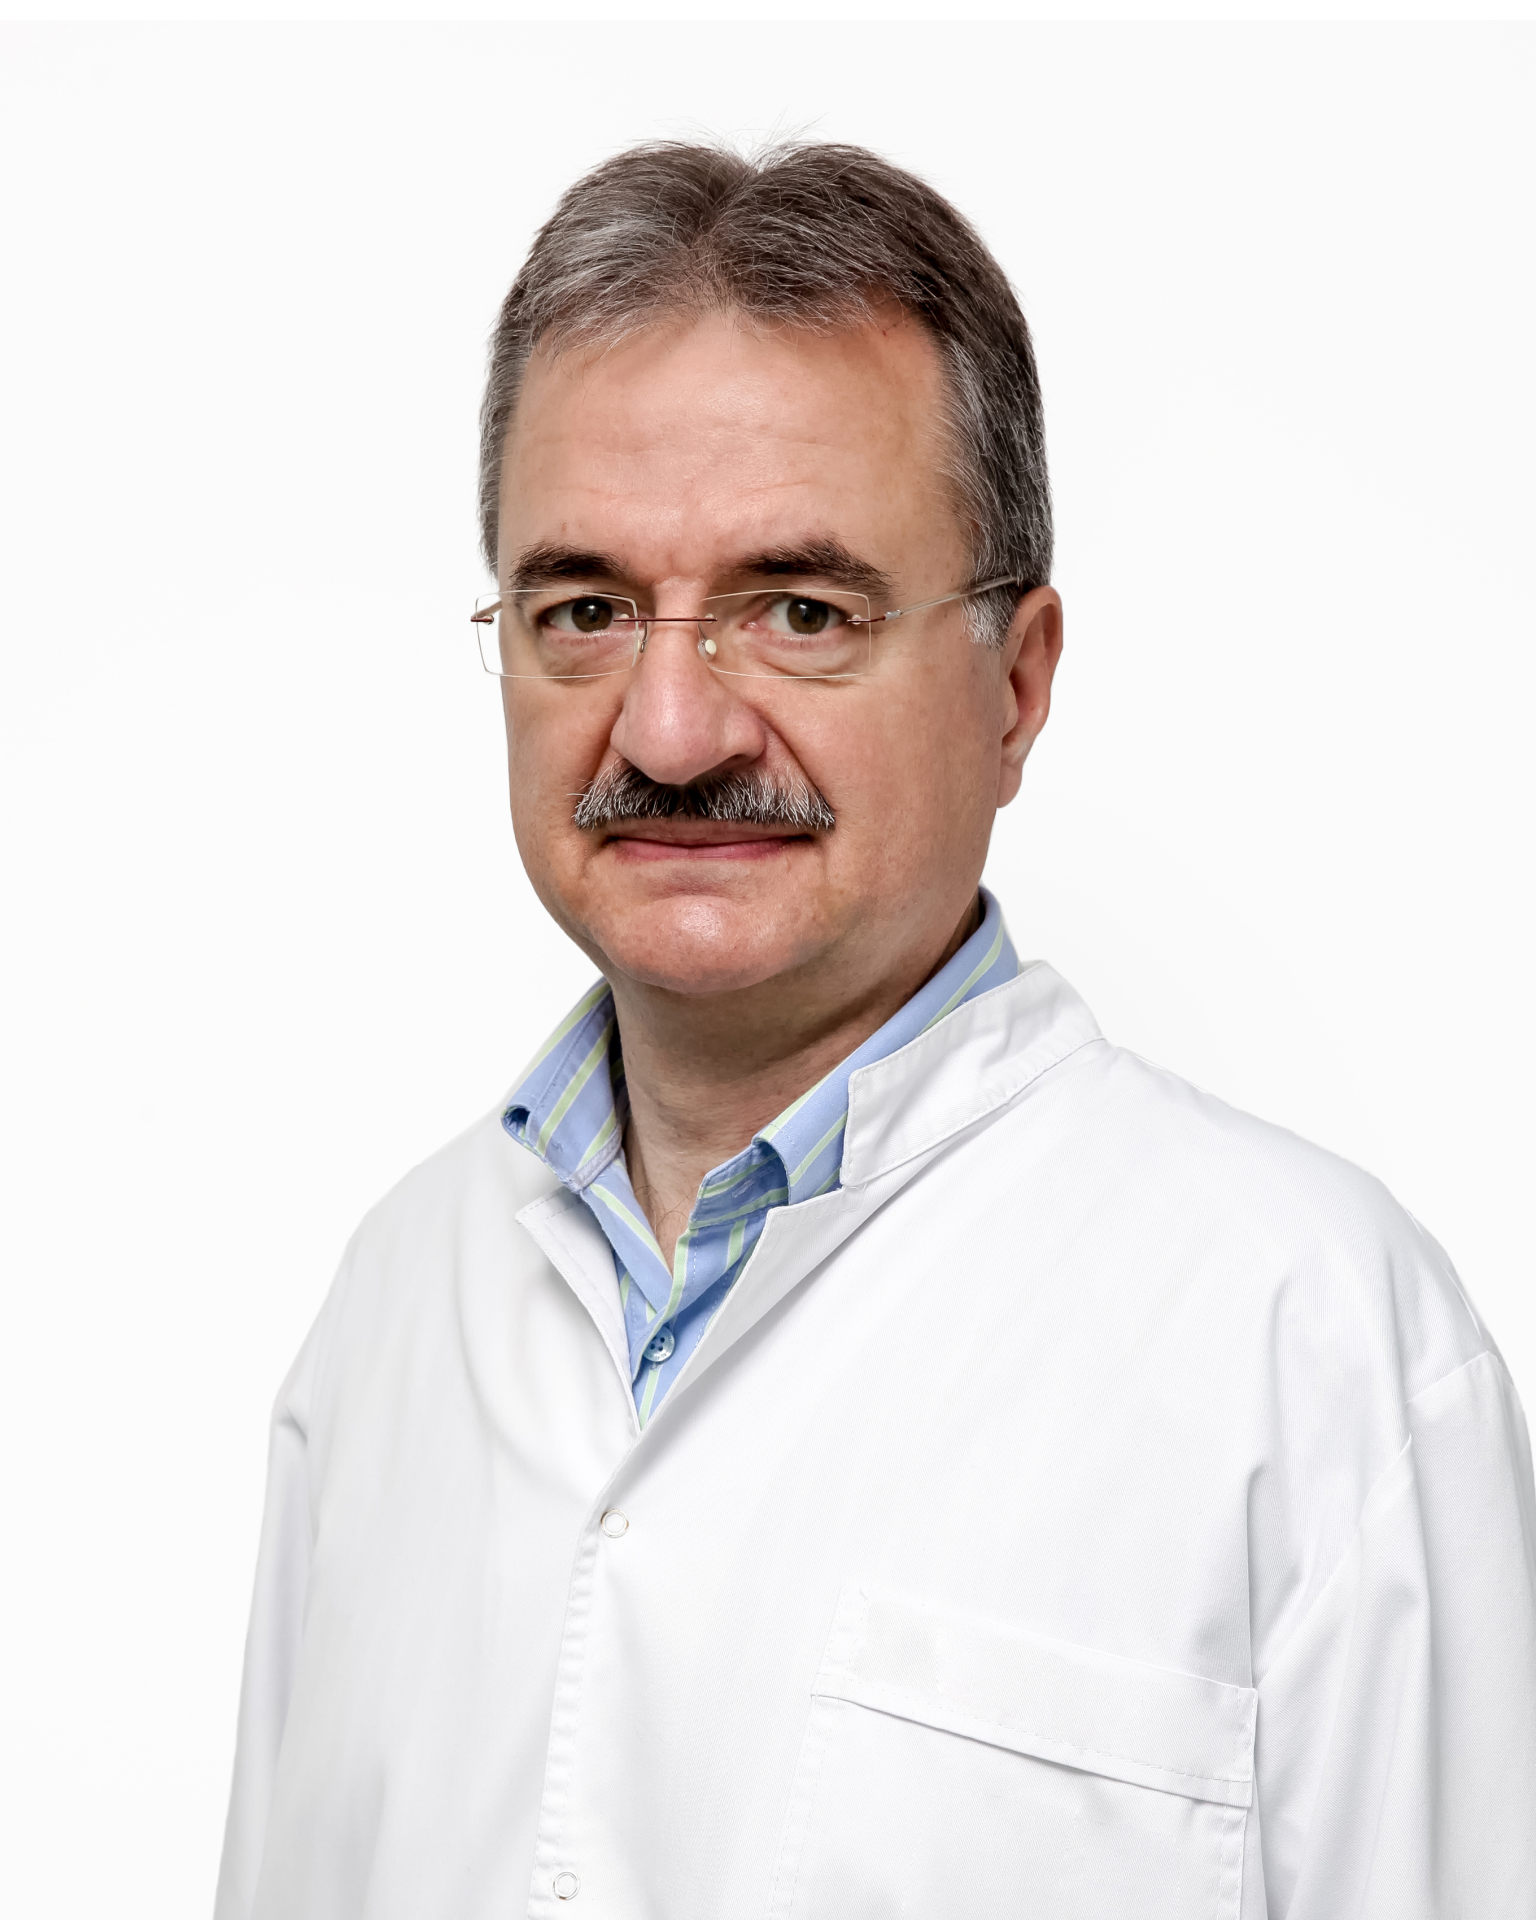 Dr. Koffol Károly Róbert